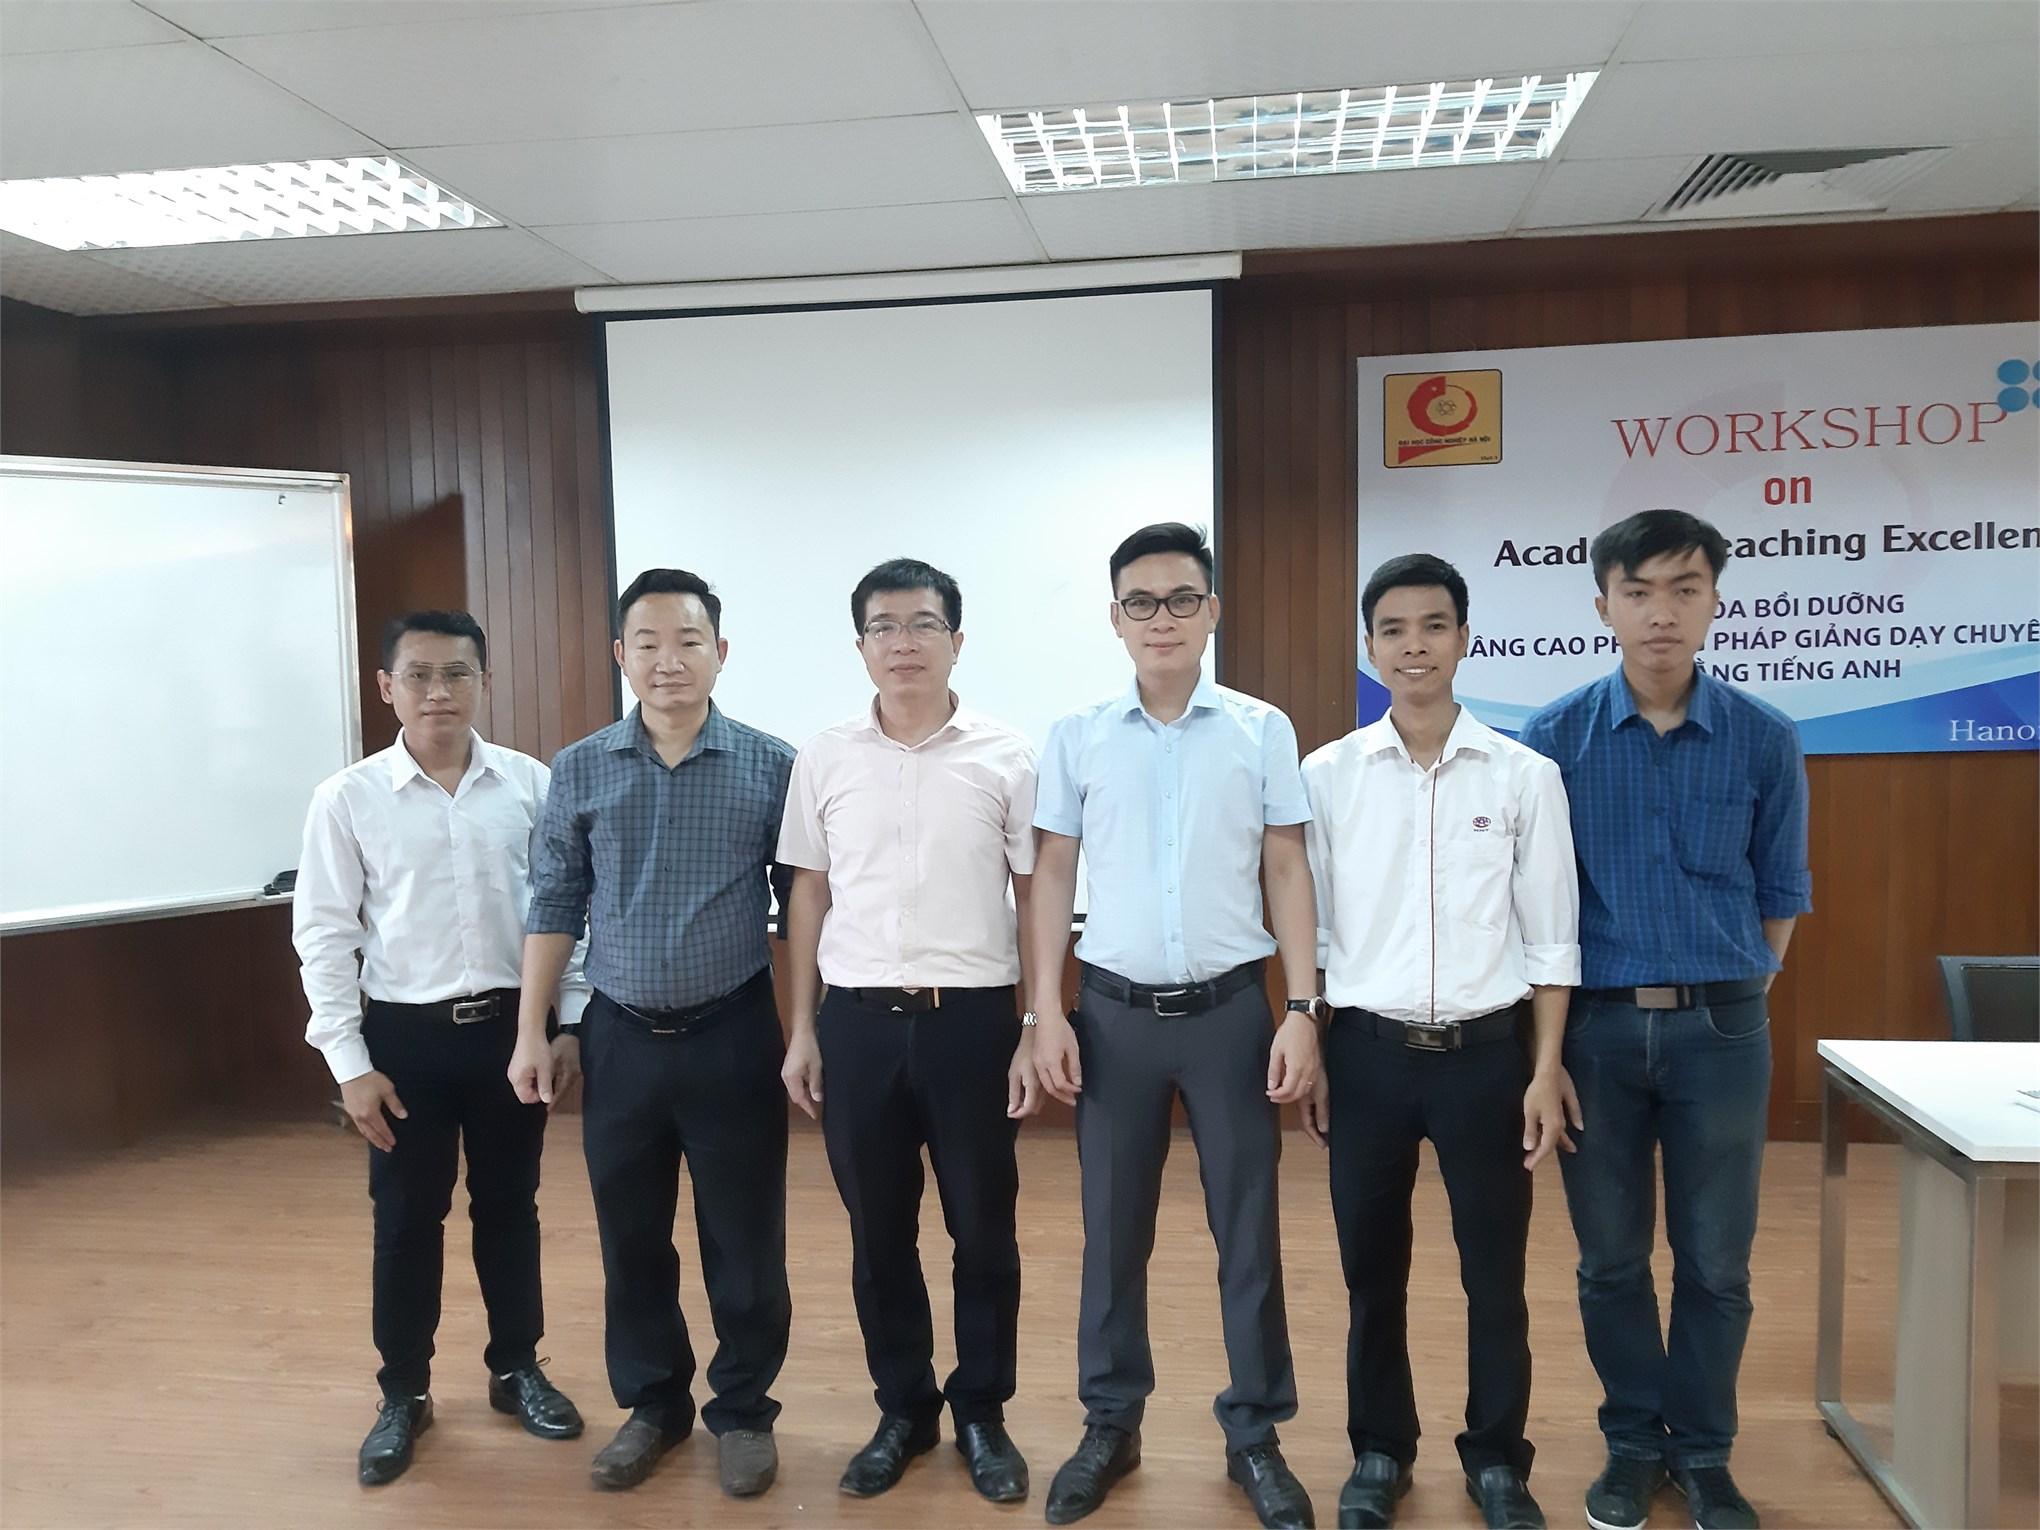 Tổ chức đánh giá đề cương luận văn thạc- sĩ – chuyên ngành Kỹ thuật Cơ điện tử và chuyên ngành Kỹ thuật Cơ khí – Cao học khóa 8 đợt 1 (2018-2020)